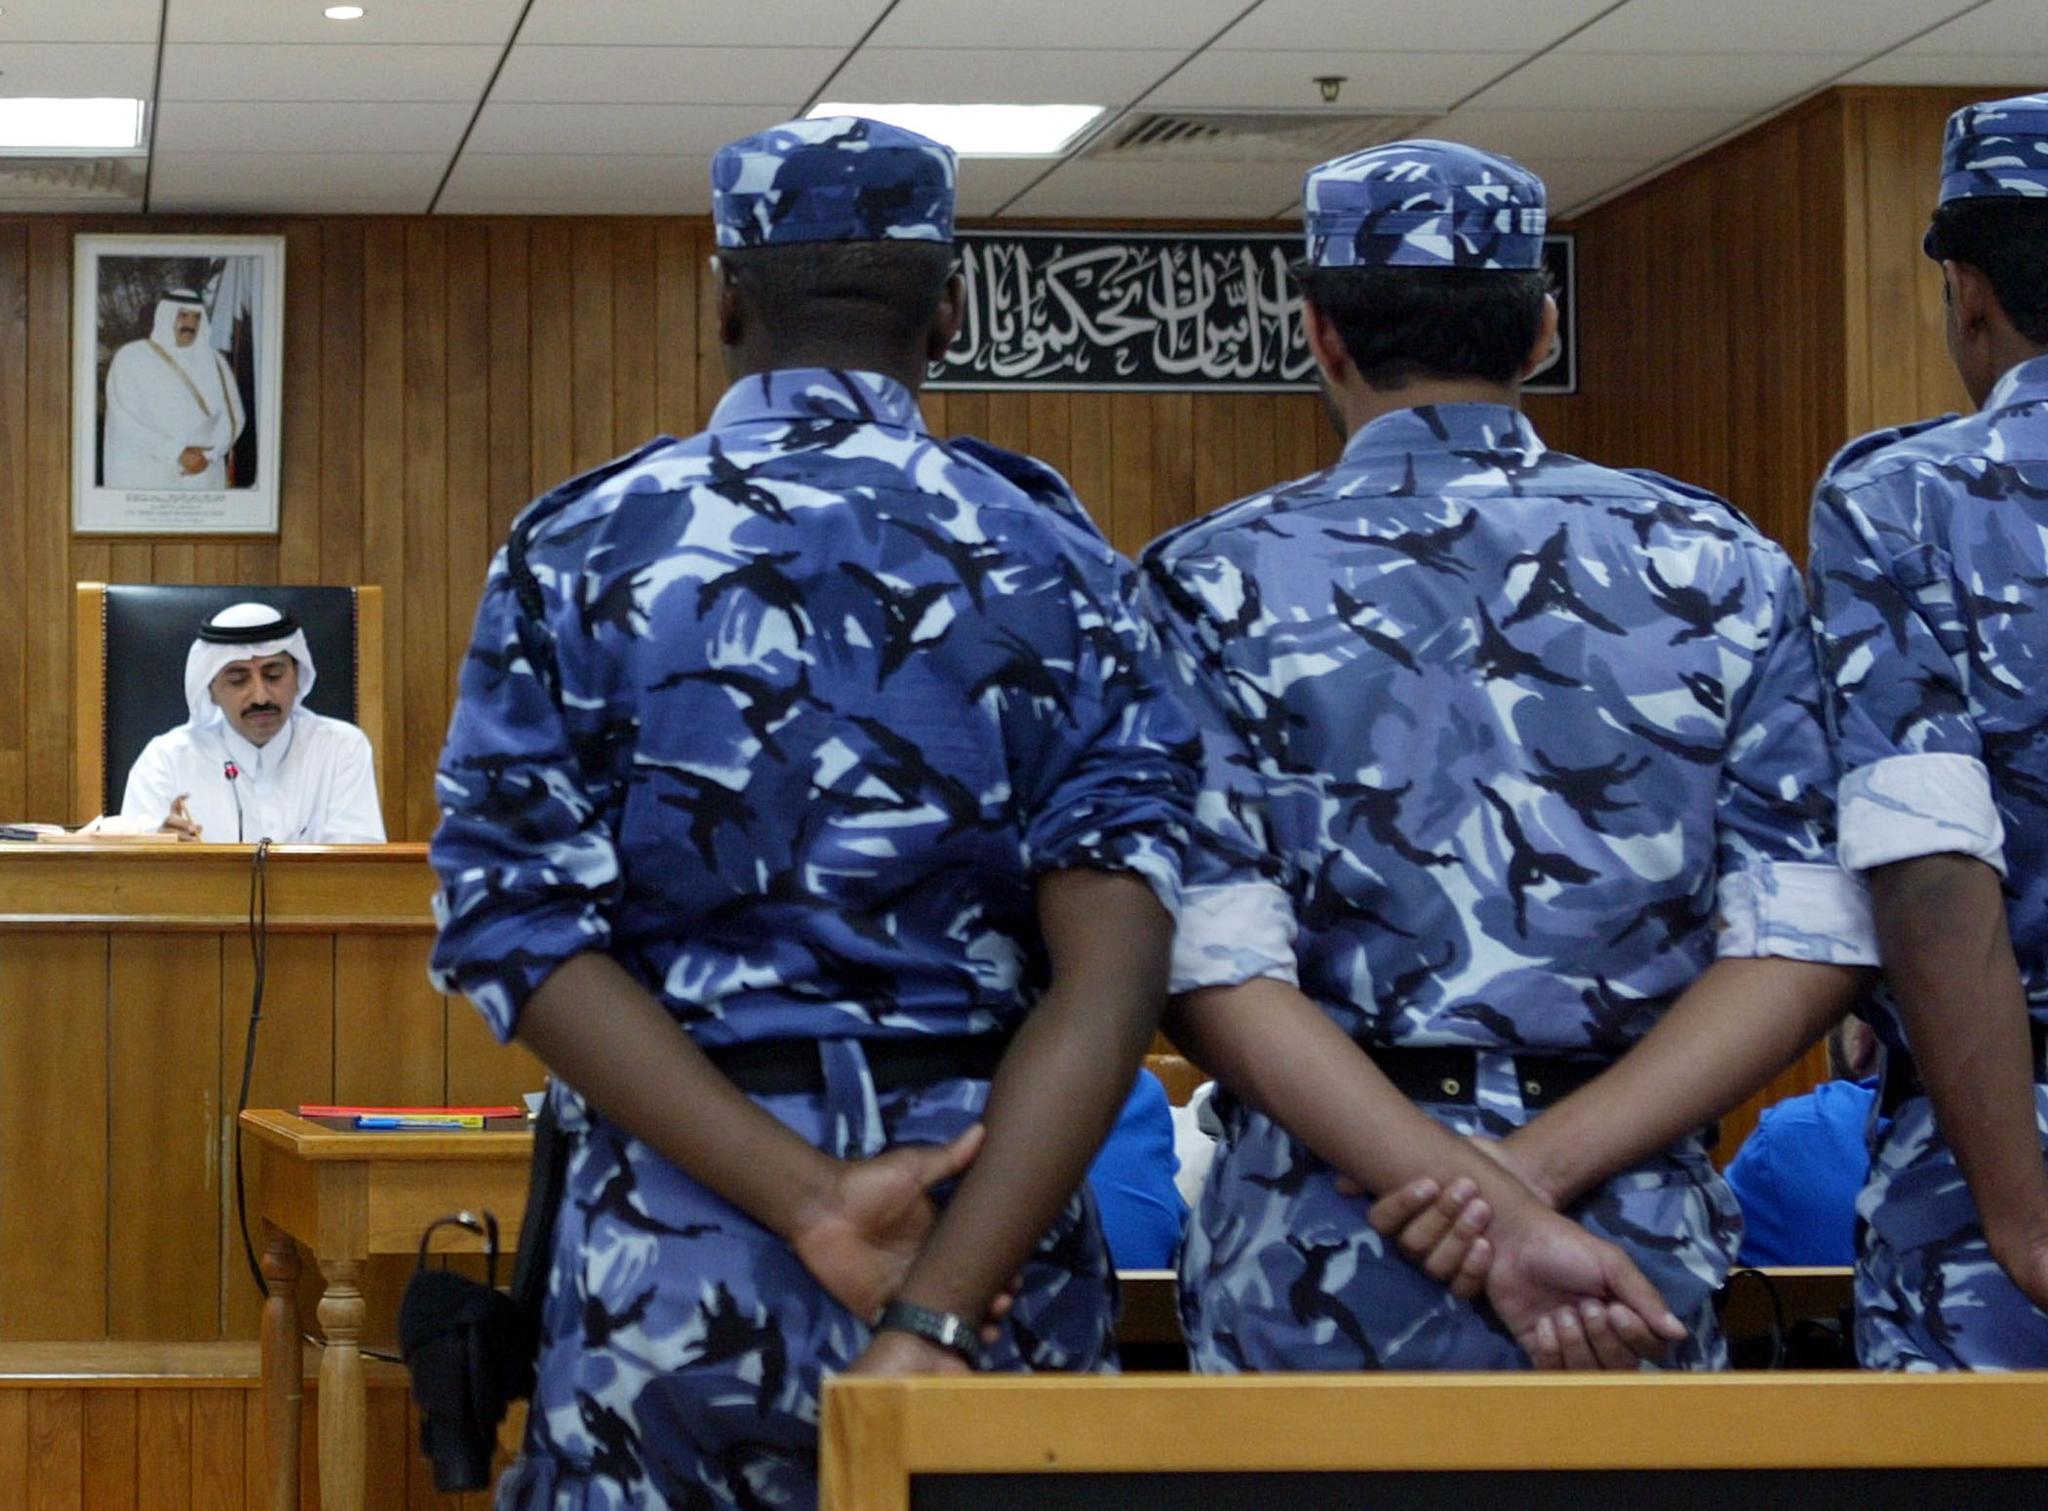 Катарский поэт-революционер получил пожизненный срок